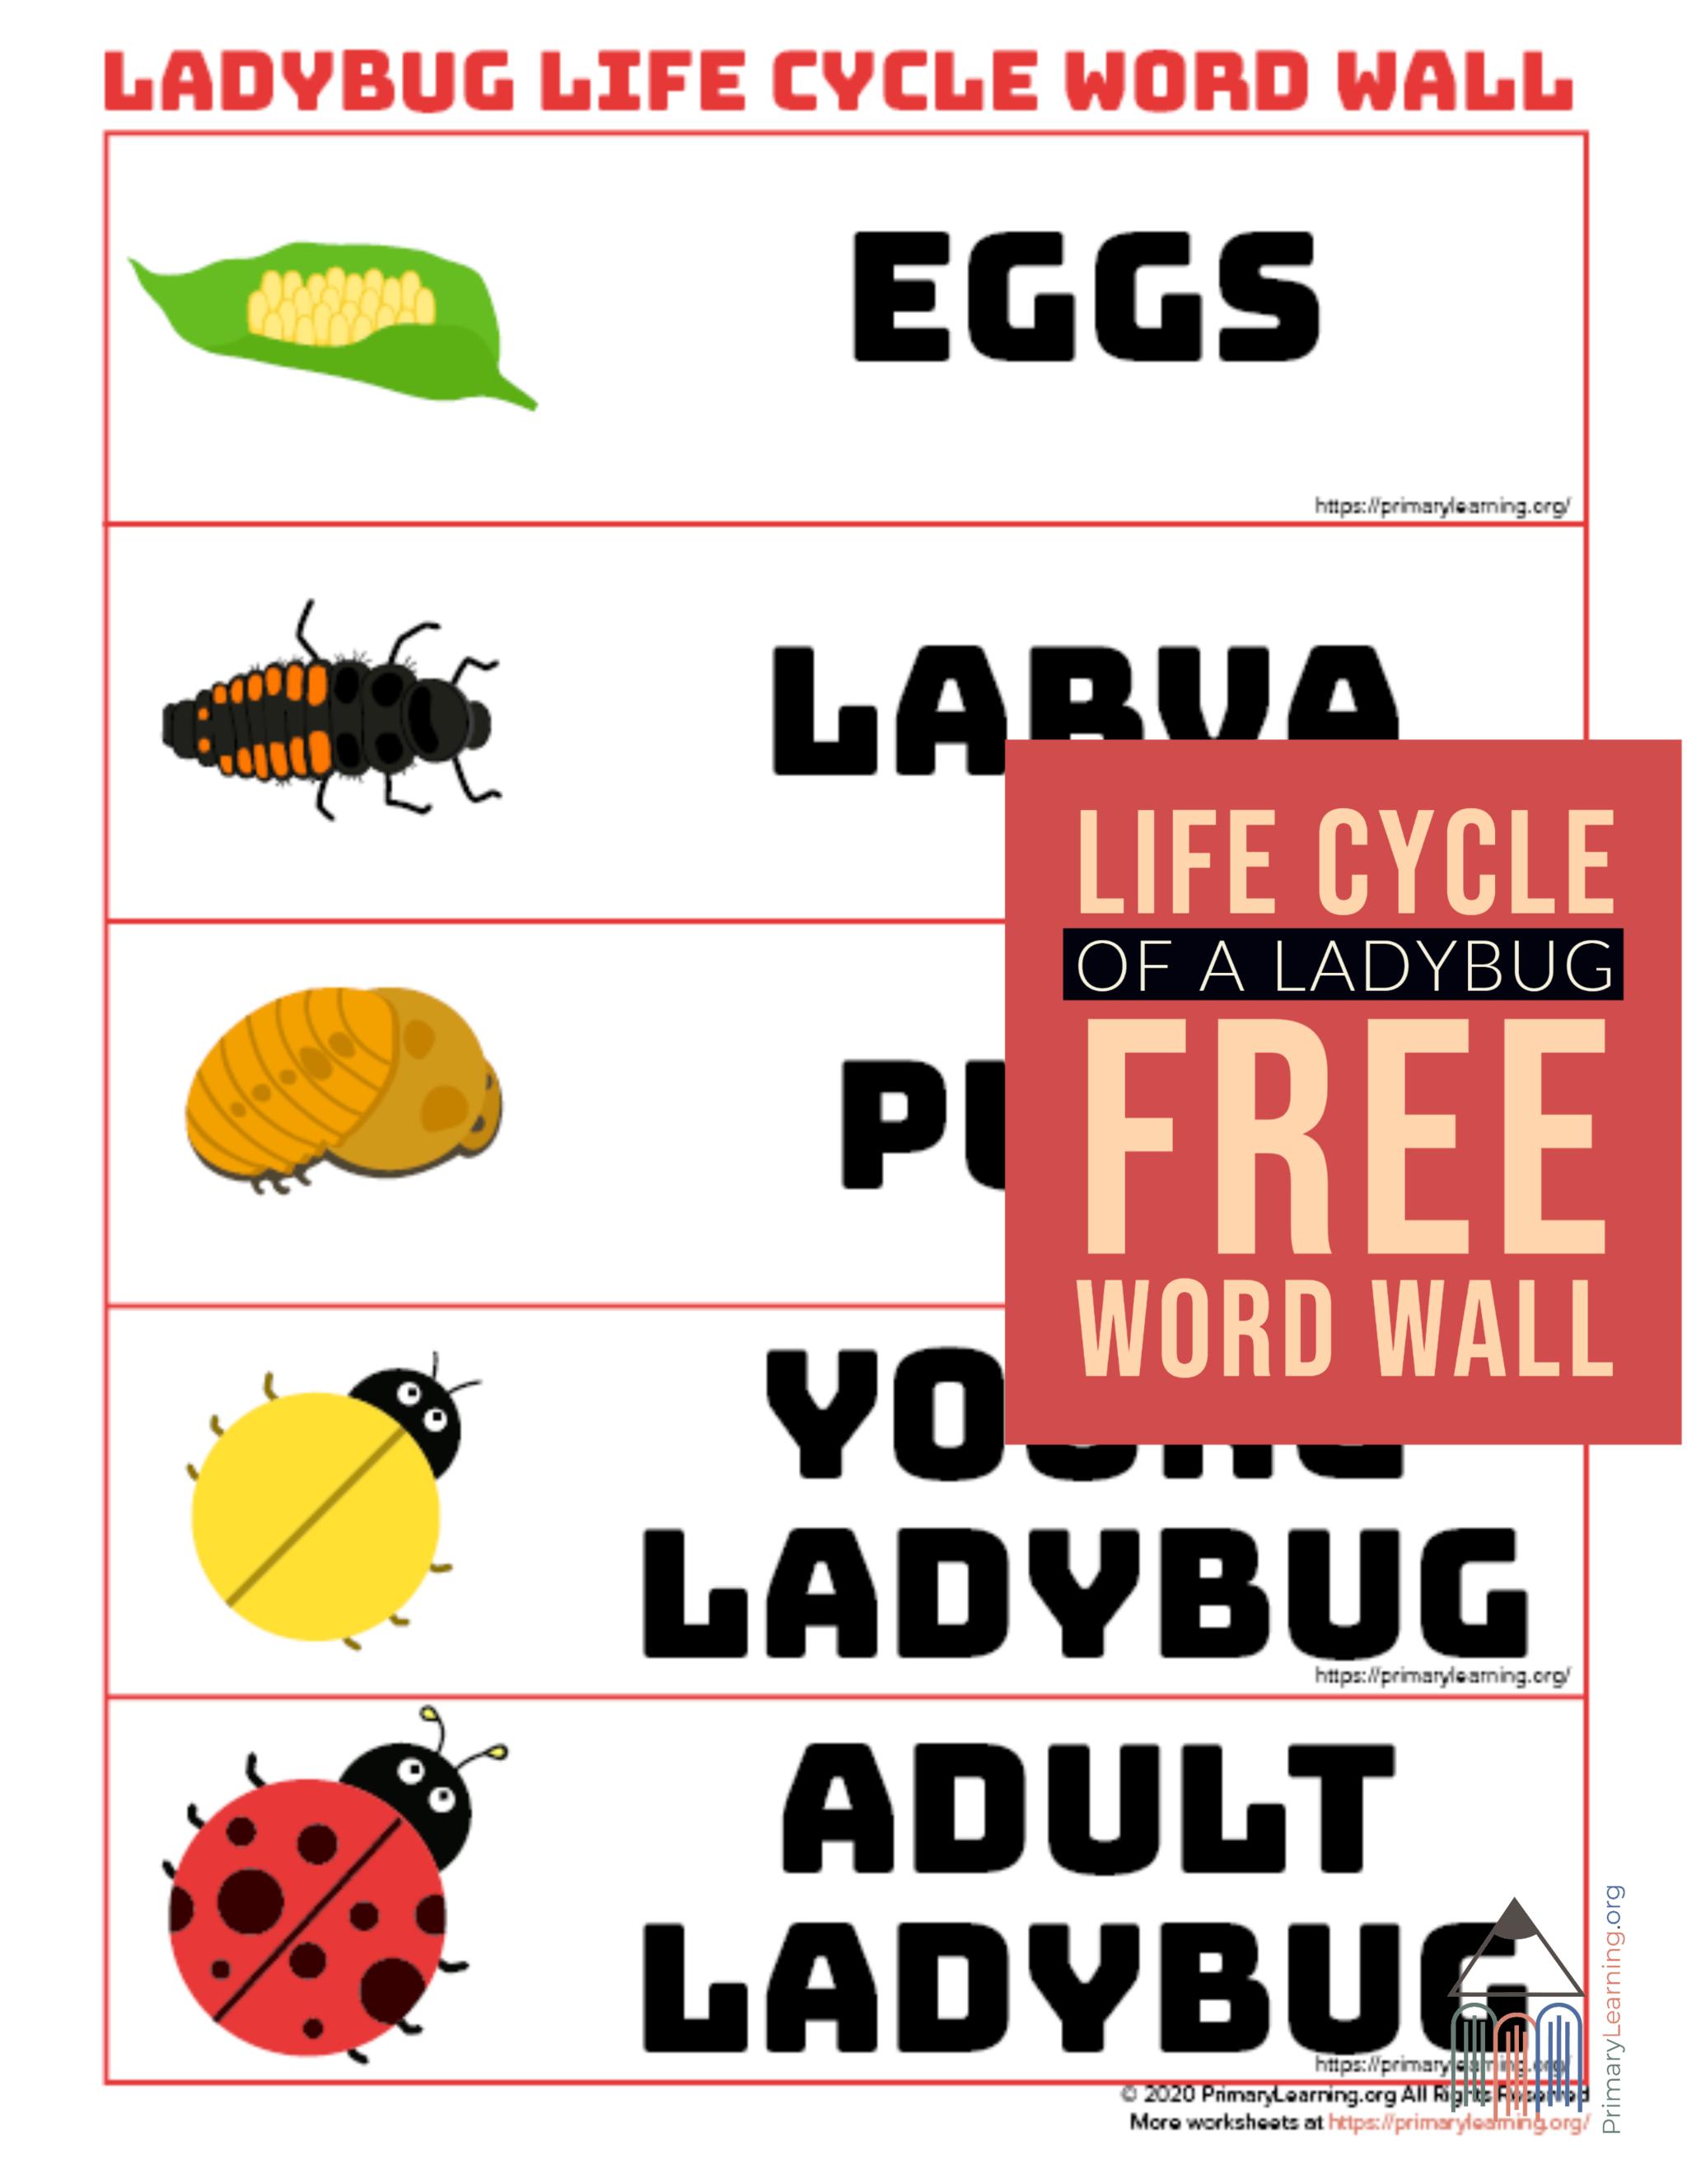 Ladybug Life Cycle Word Wall In